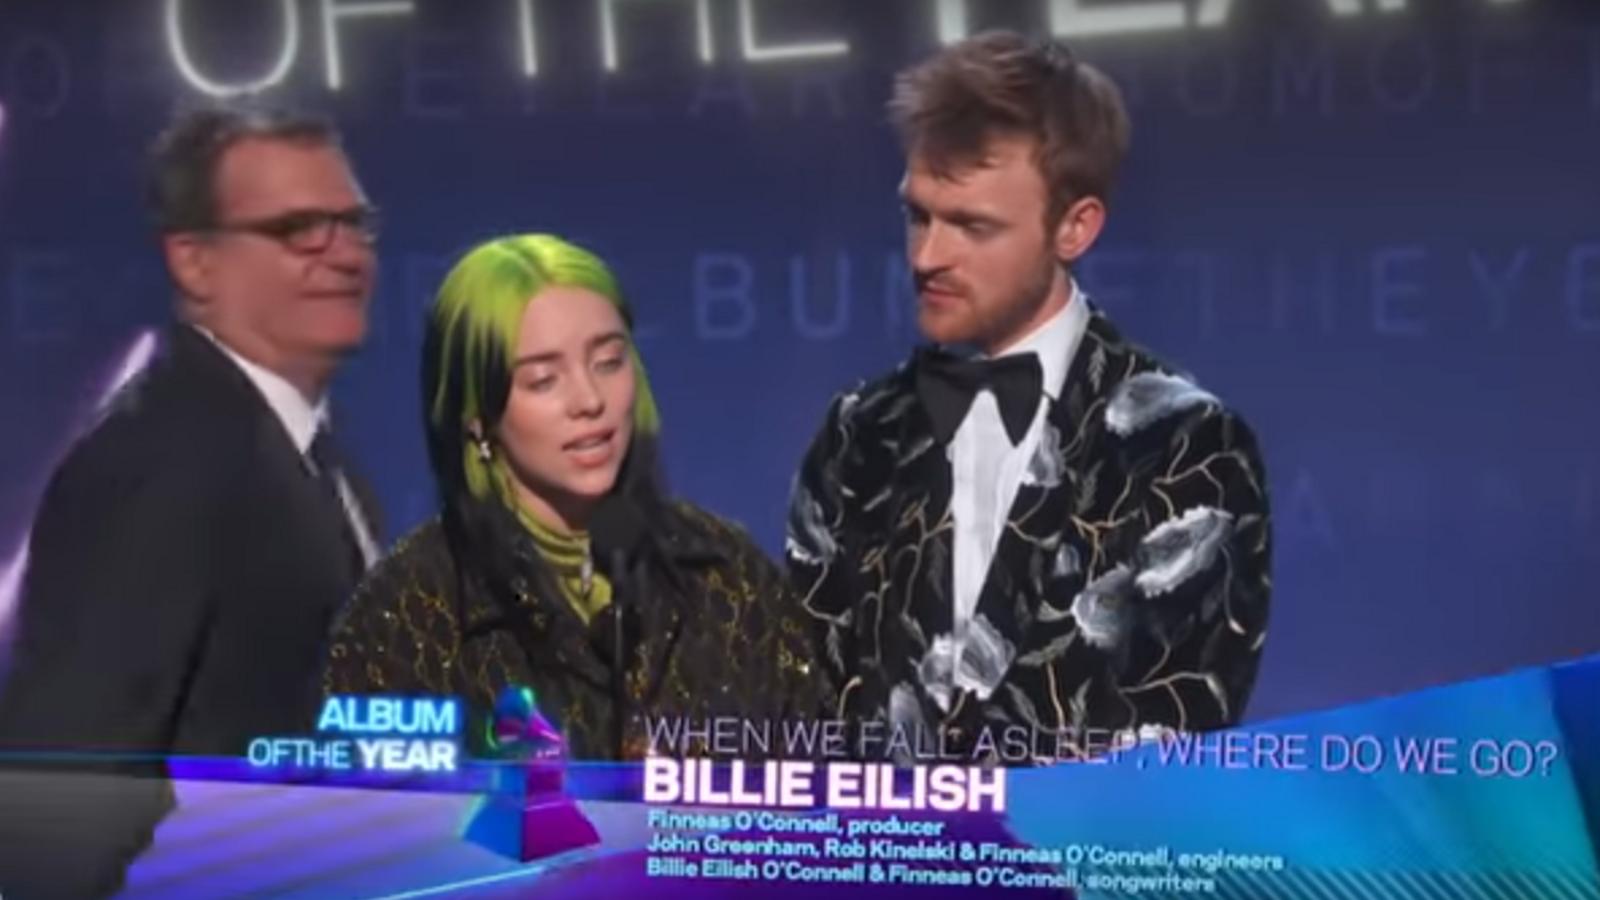 Els Grammy consagren BIllie Eilish com a estrella